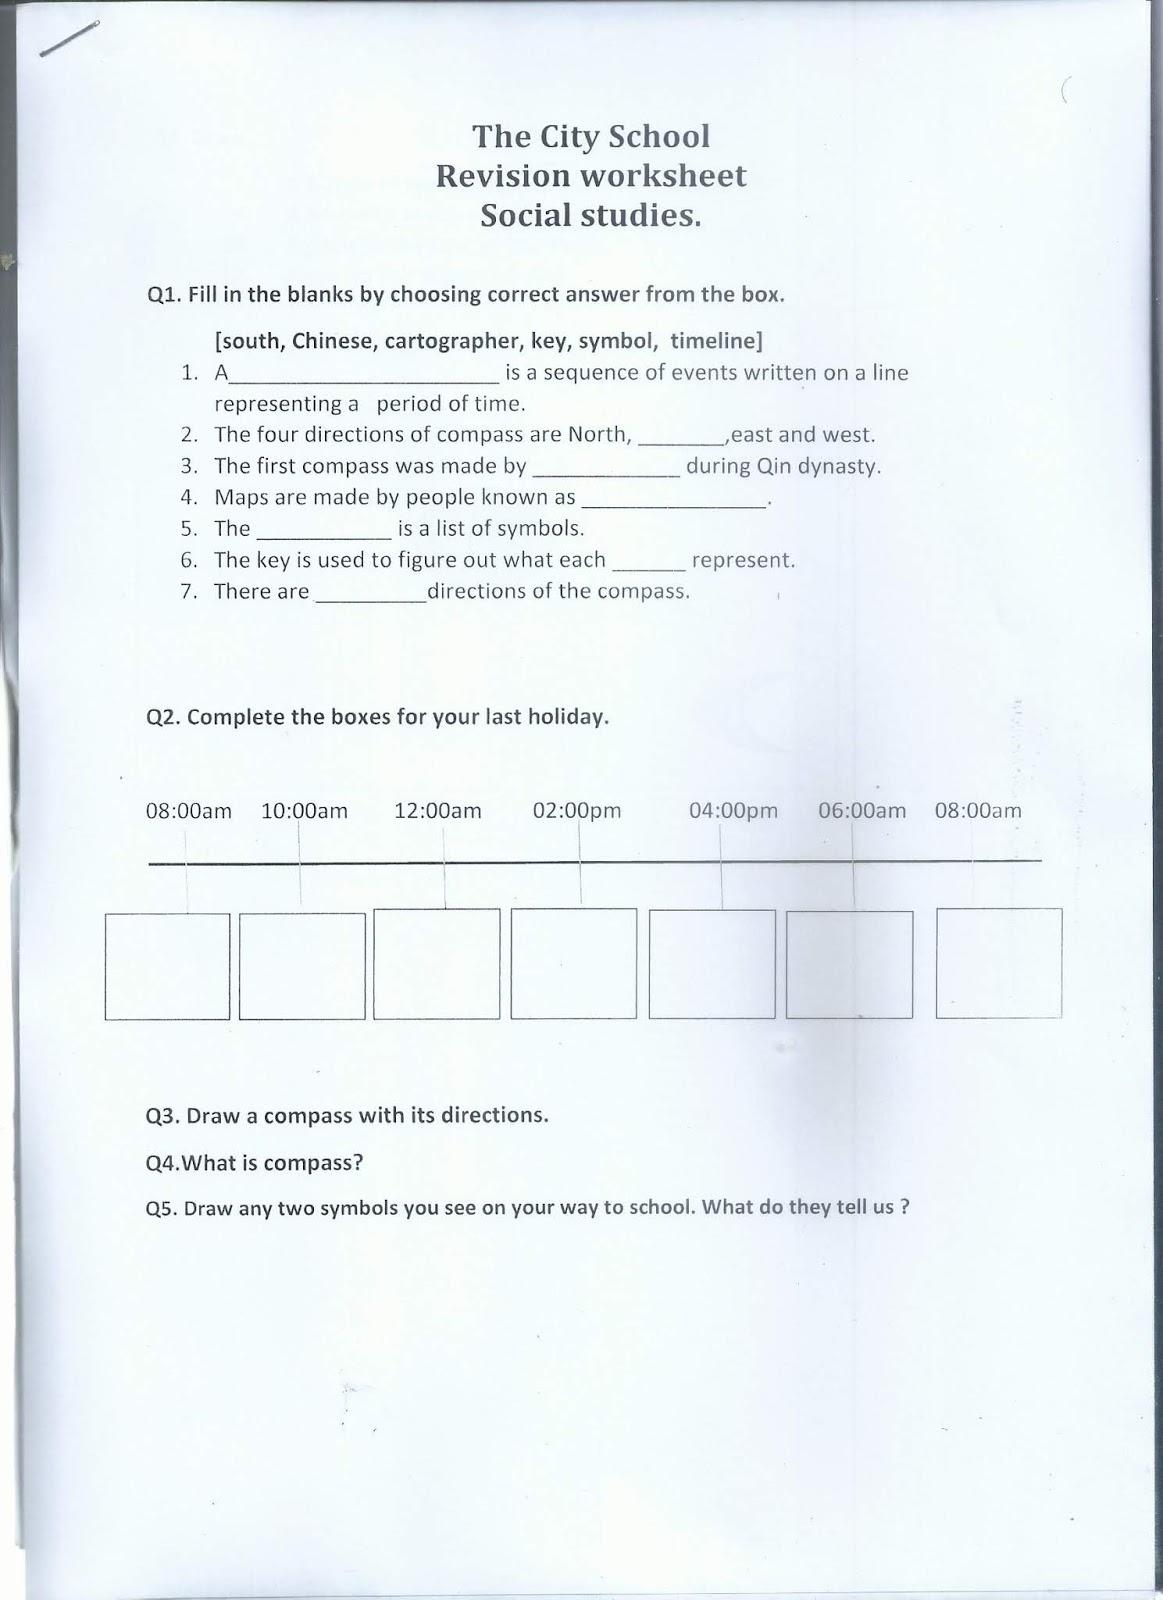 Social Stu S Reinforcement Worksheet Class 1